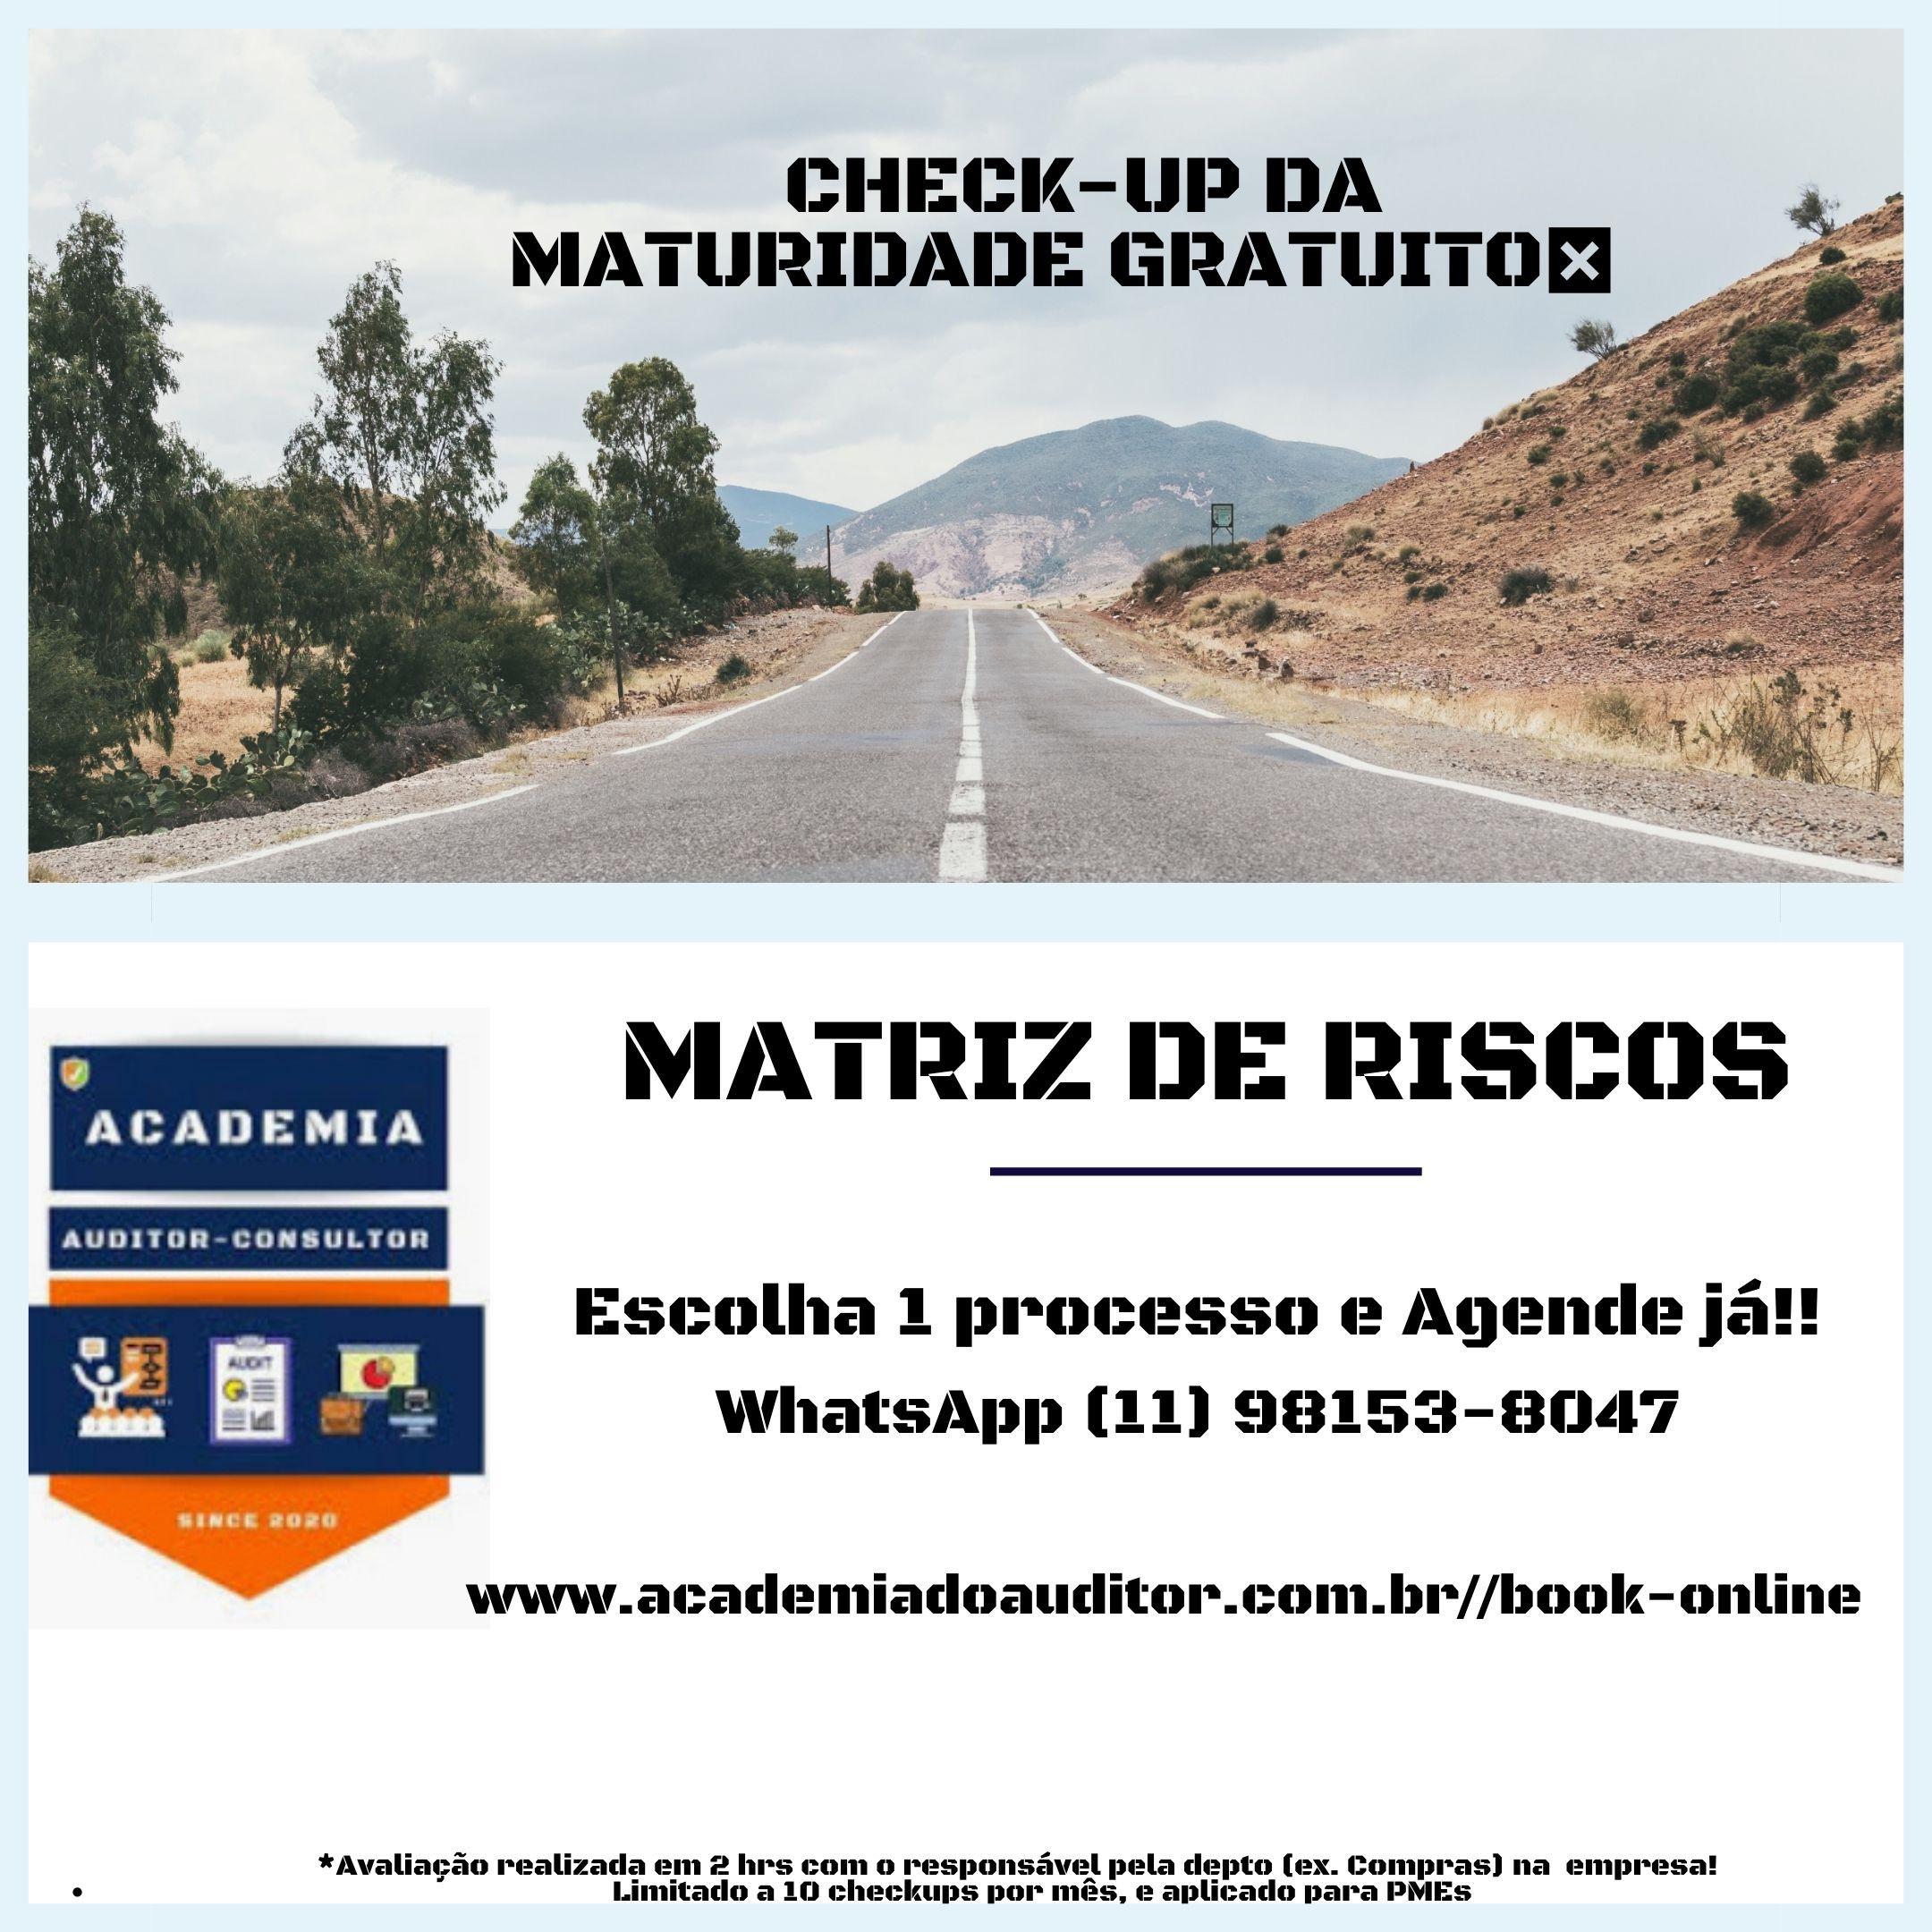 CHECK-UP MATRIZ DE RISCOS 1 ÁREA GRÁTIS